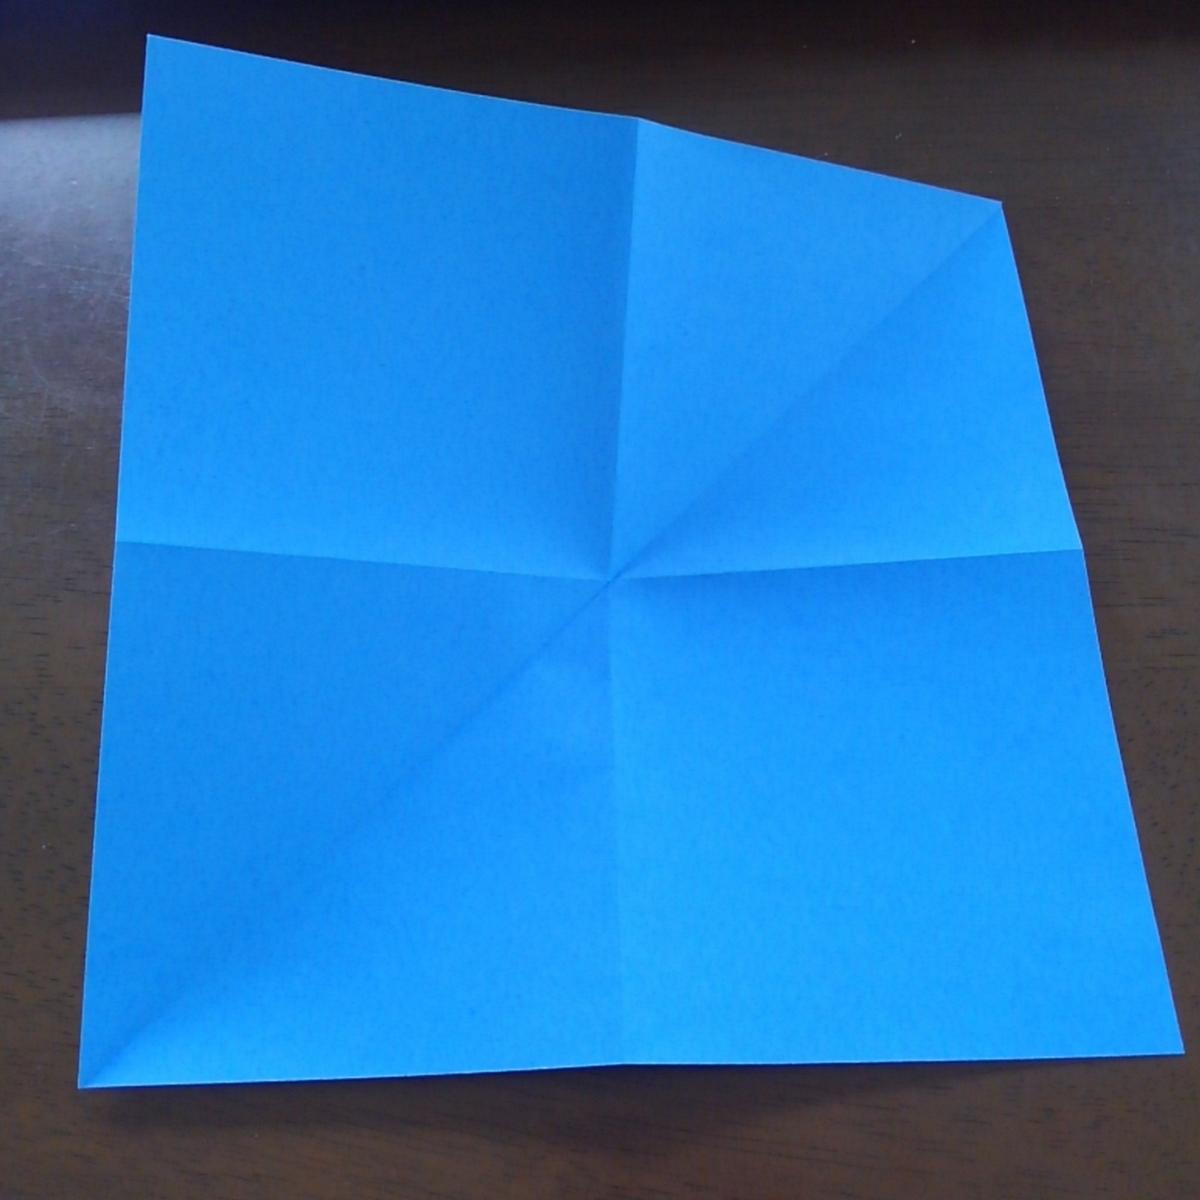 ハロウィン クモ 折り紙